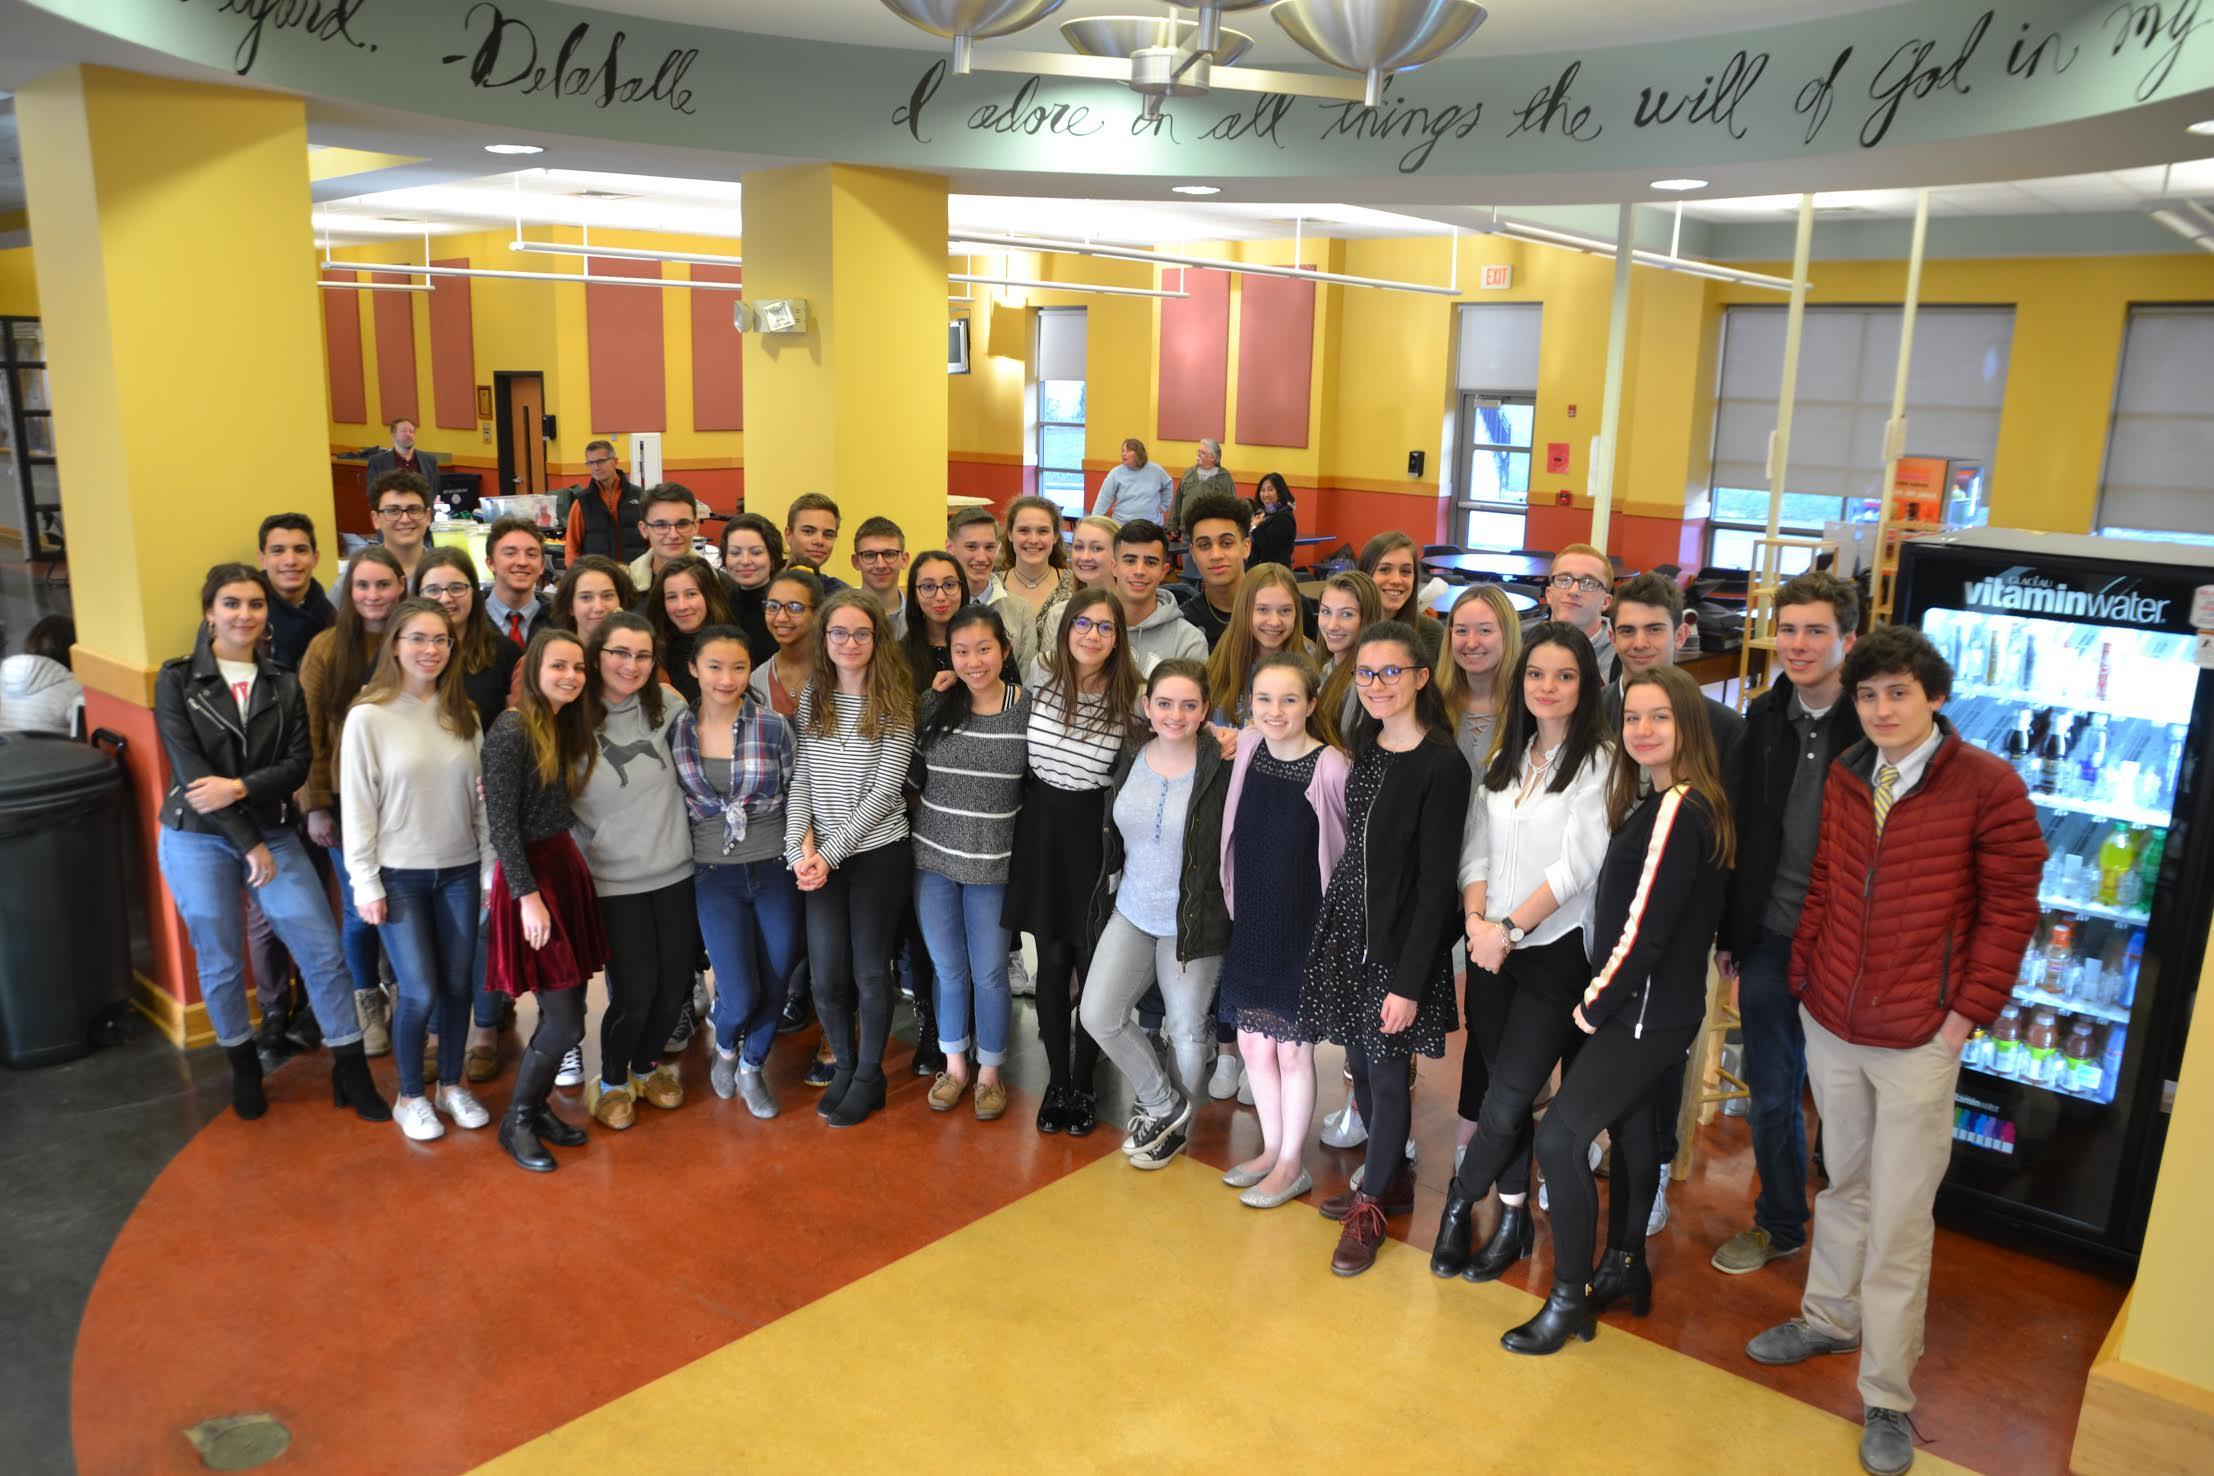 French Pen Pals visit La Salle - WLSA News | La Salle Academy's